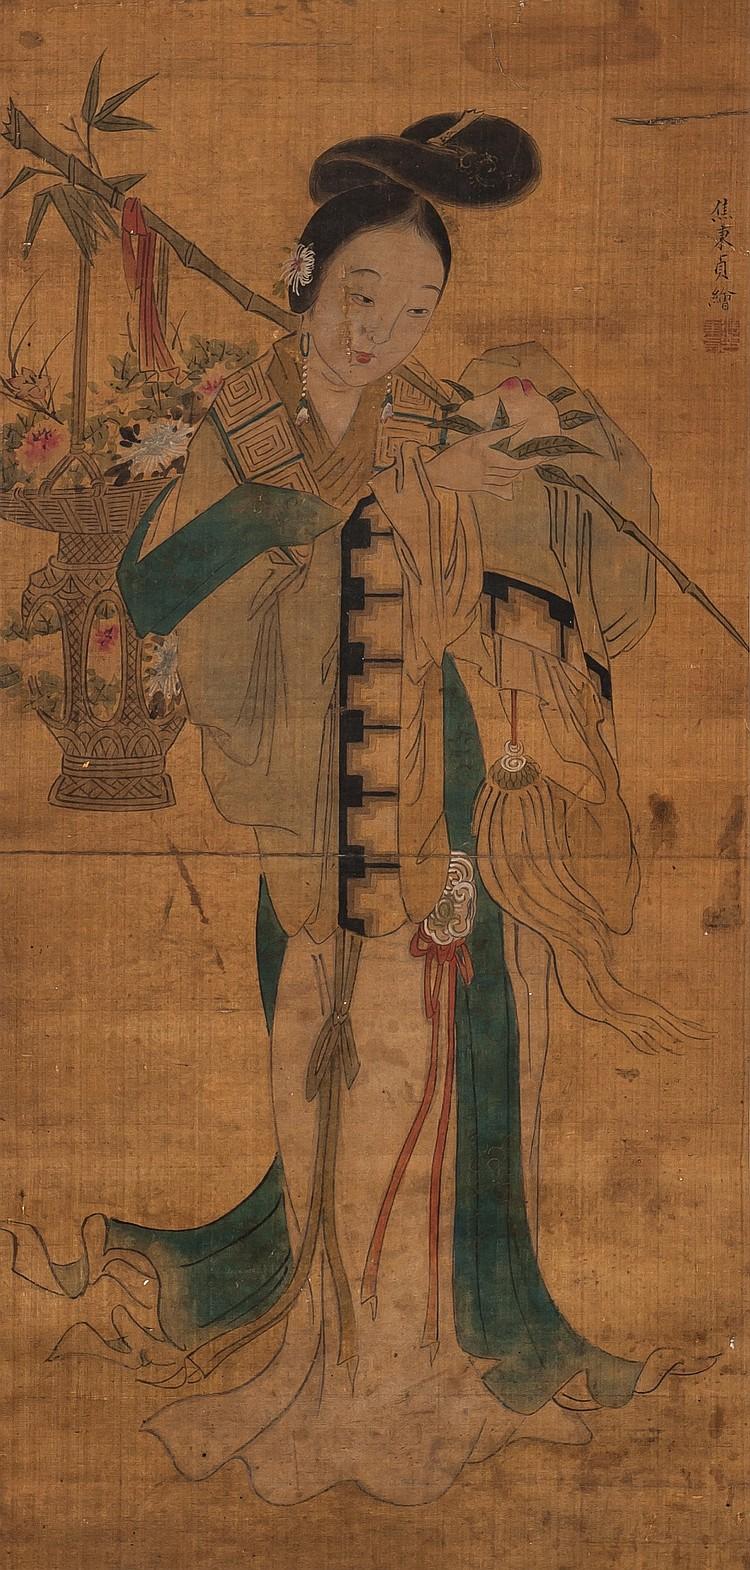 Jiao BingZhen (17th-18th Century)